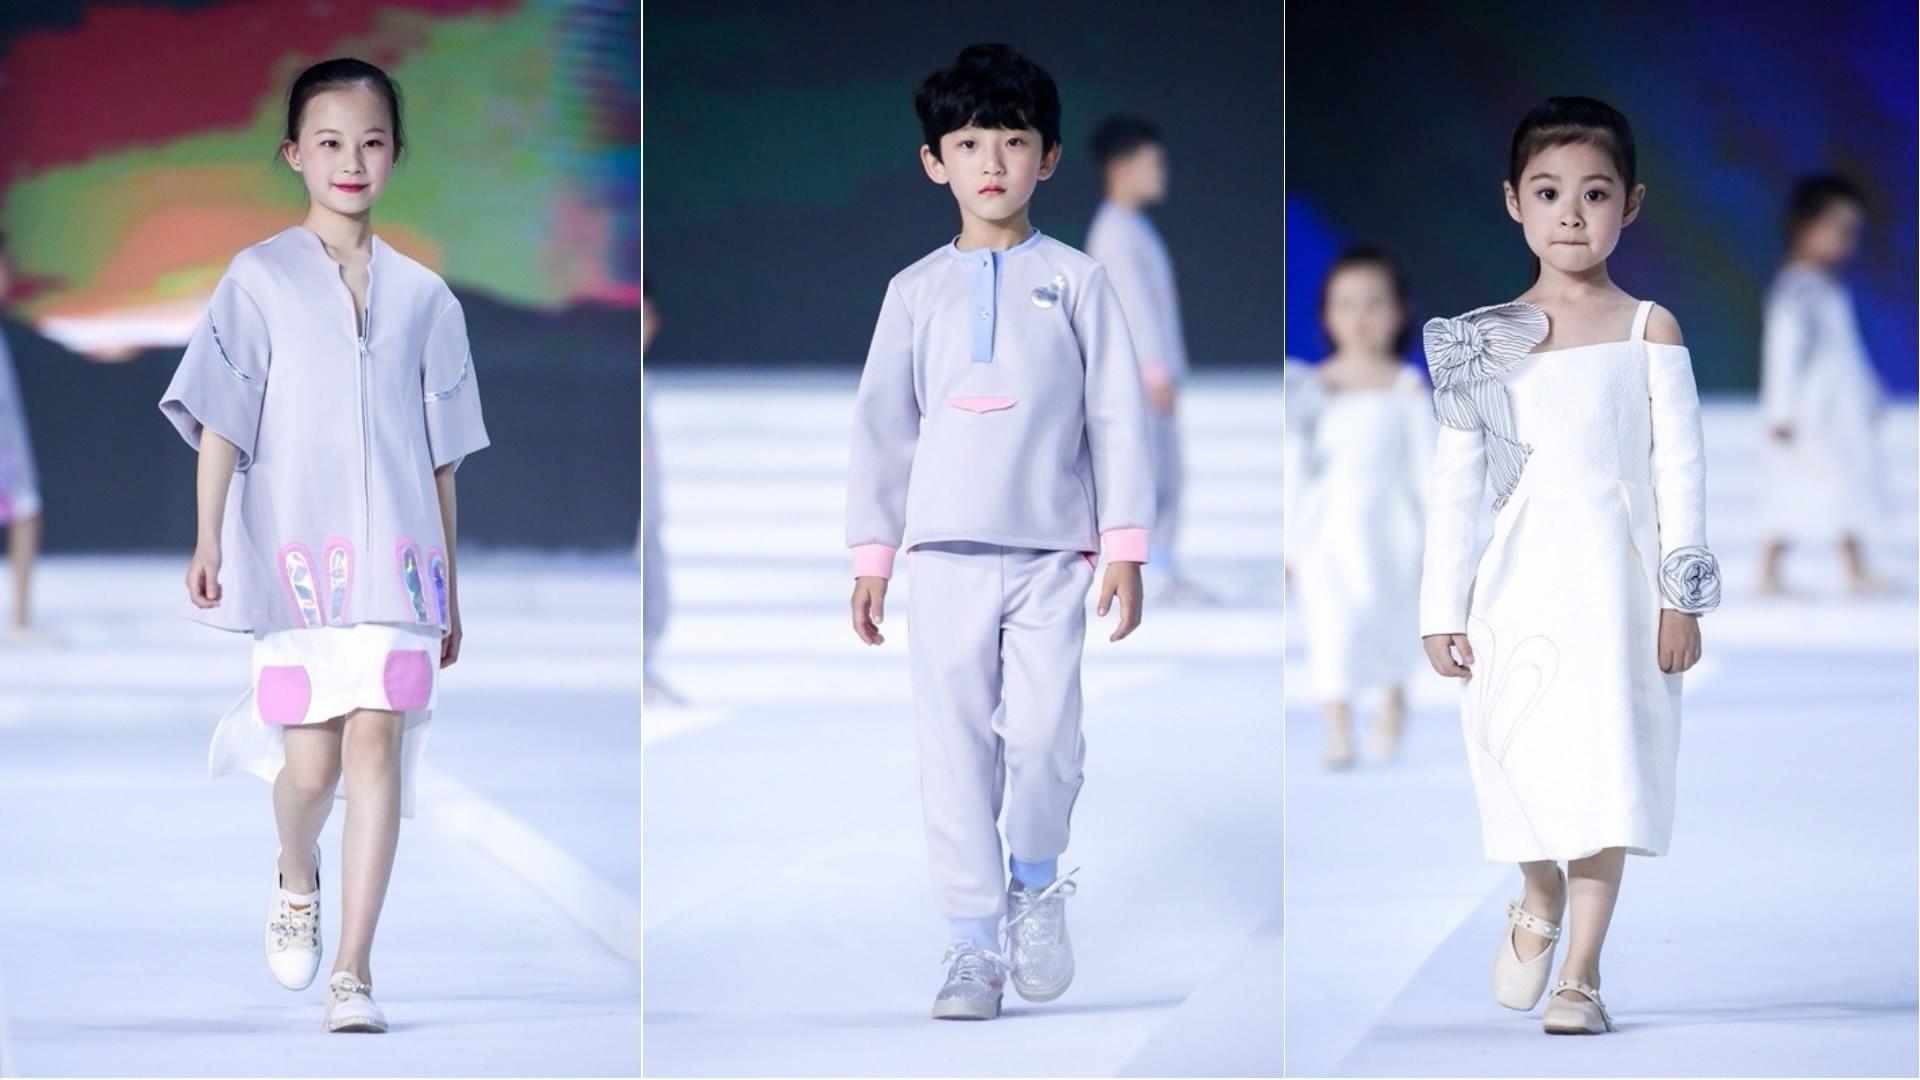 Child models hit the runway at China Fashion Week - CGTN